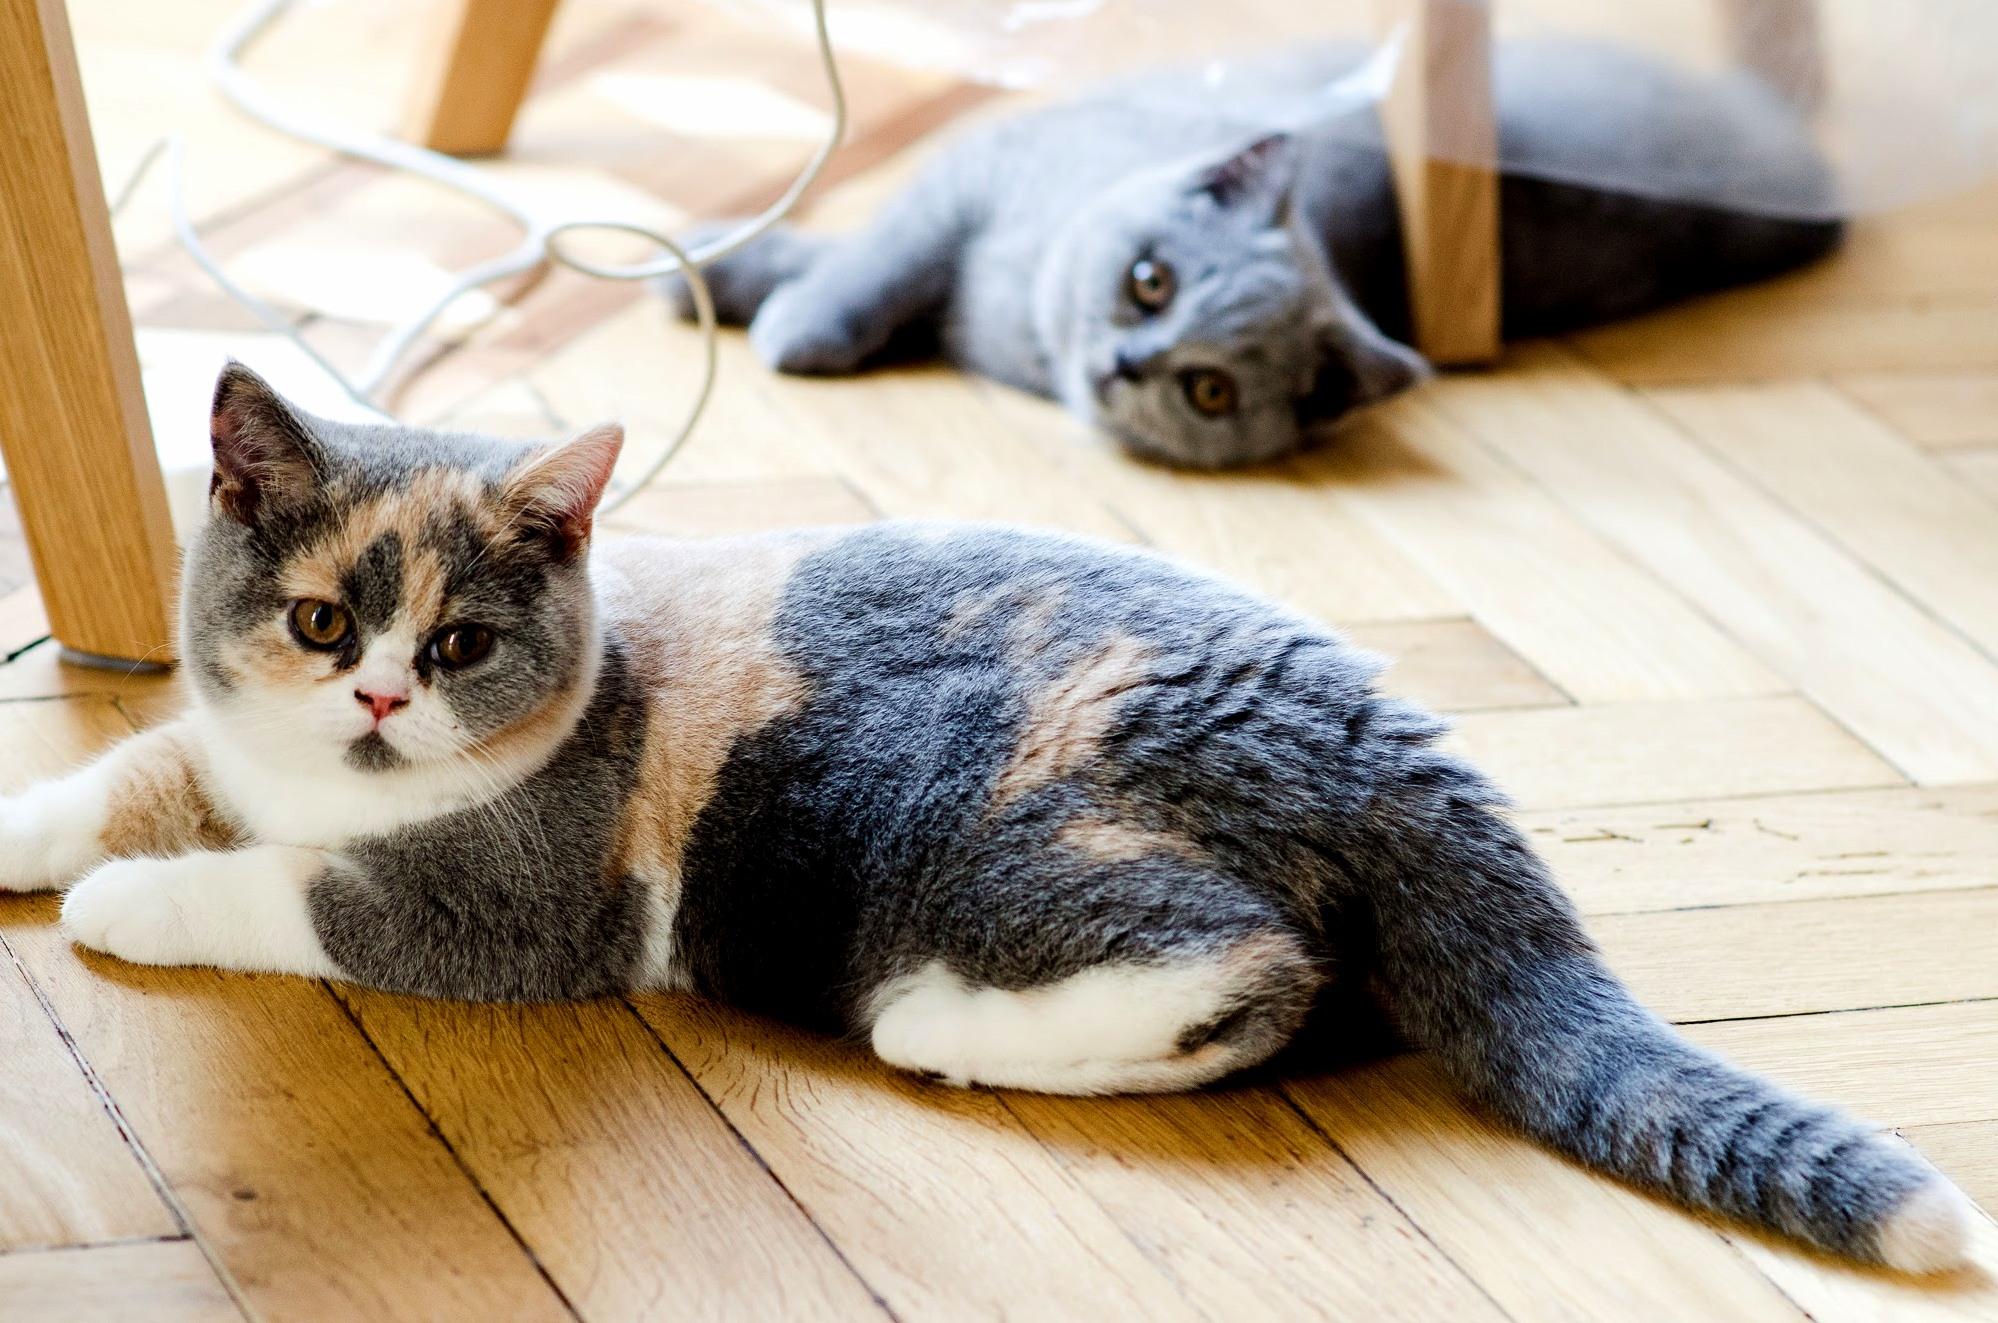 My two british shorthair kittens